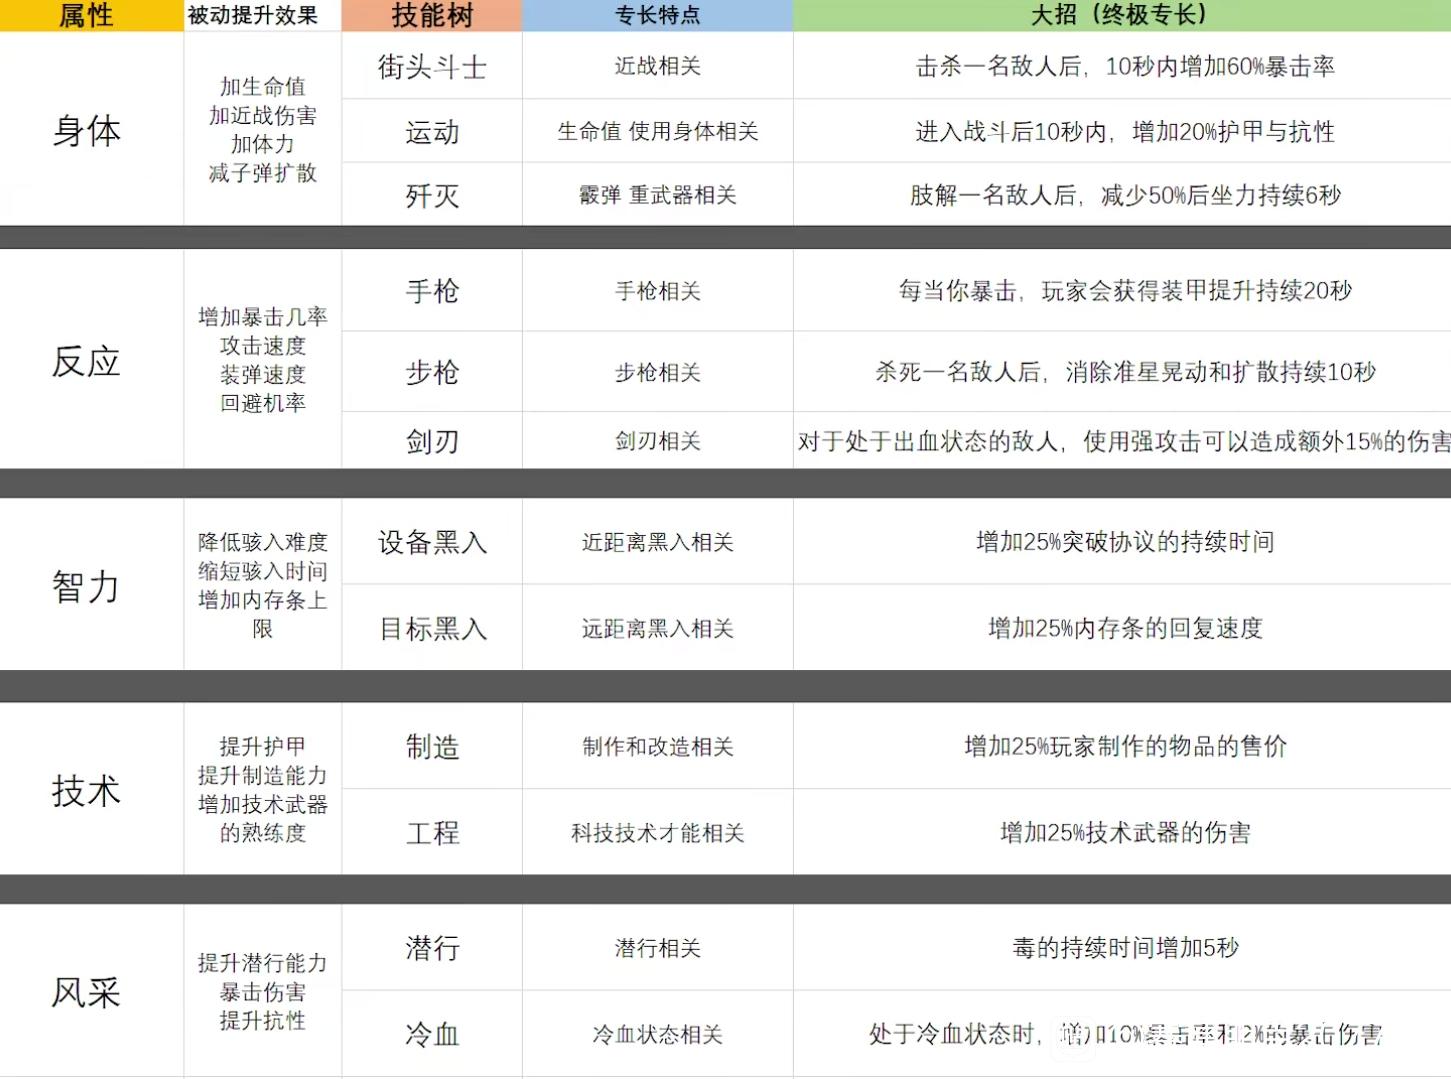 《赛博朋克2077》全属性技能树及专长效果一览